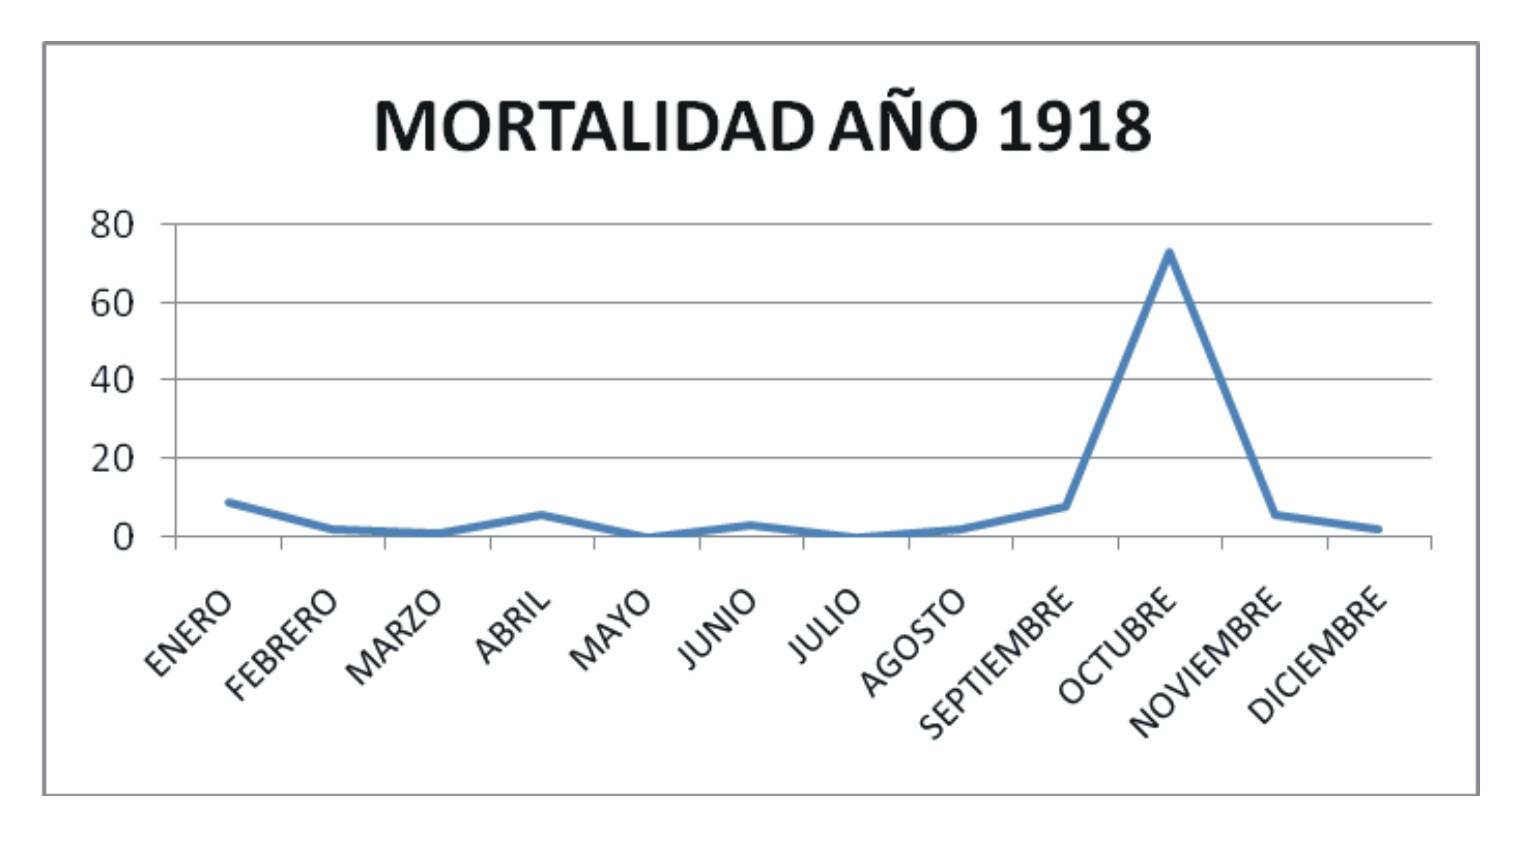 Gráfico 2. Relación de fallecidos en el año 1918